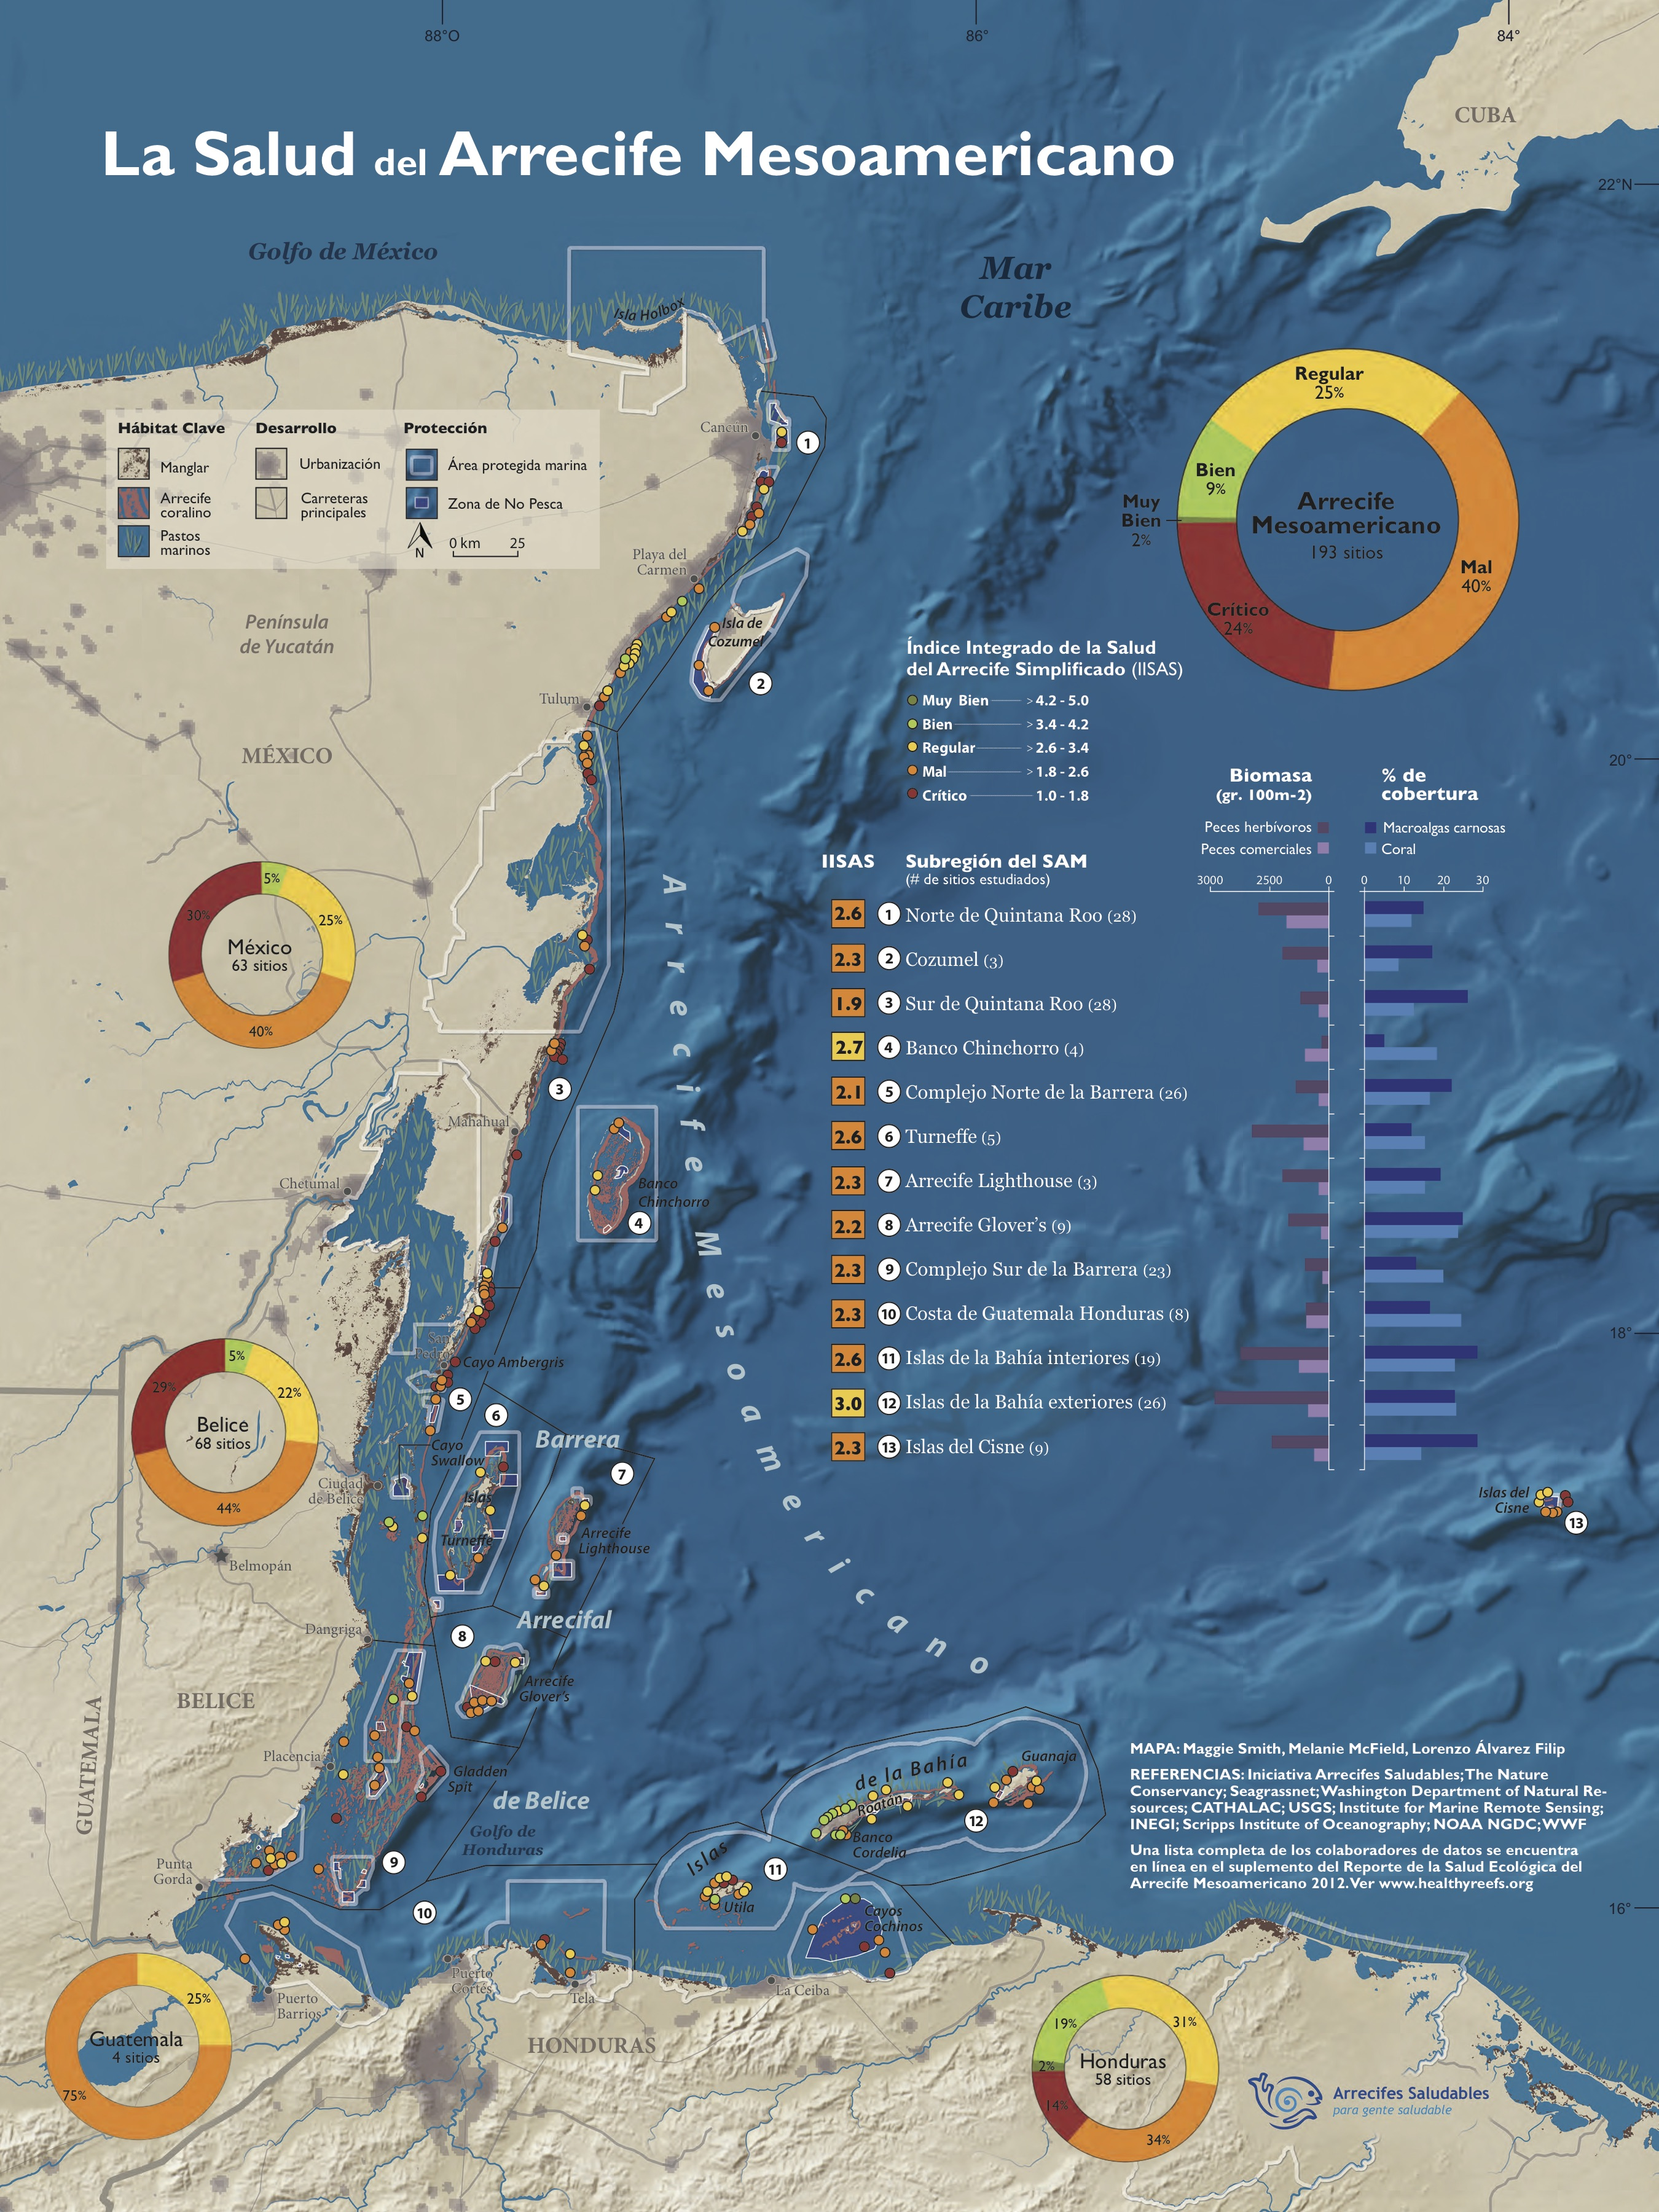 Mapa Reporte de Salud 2012